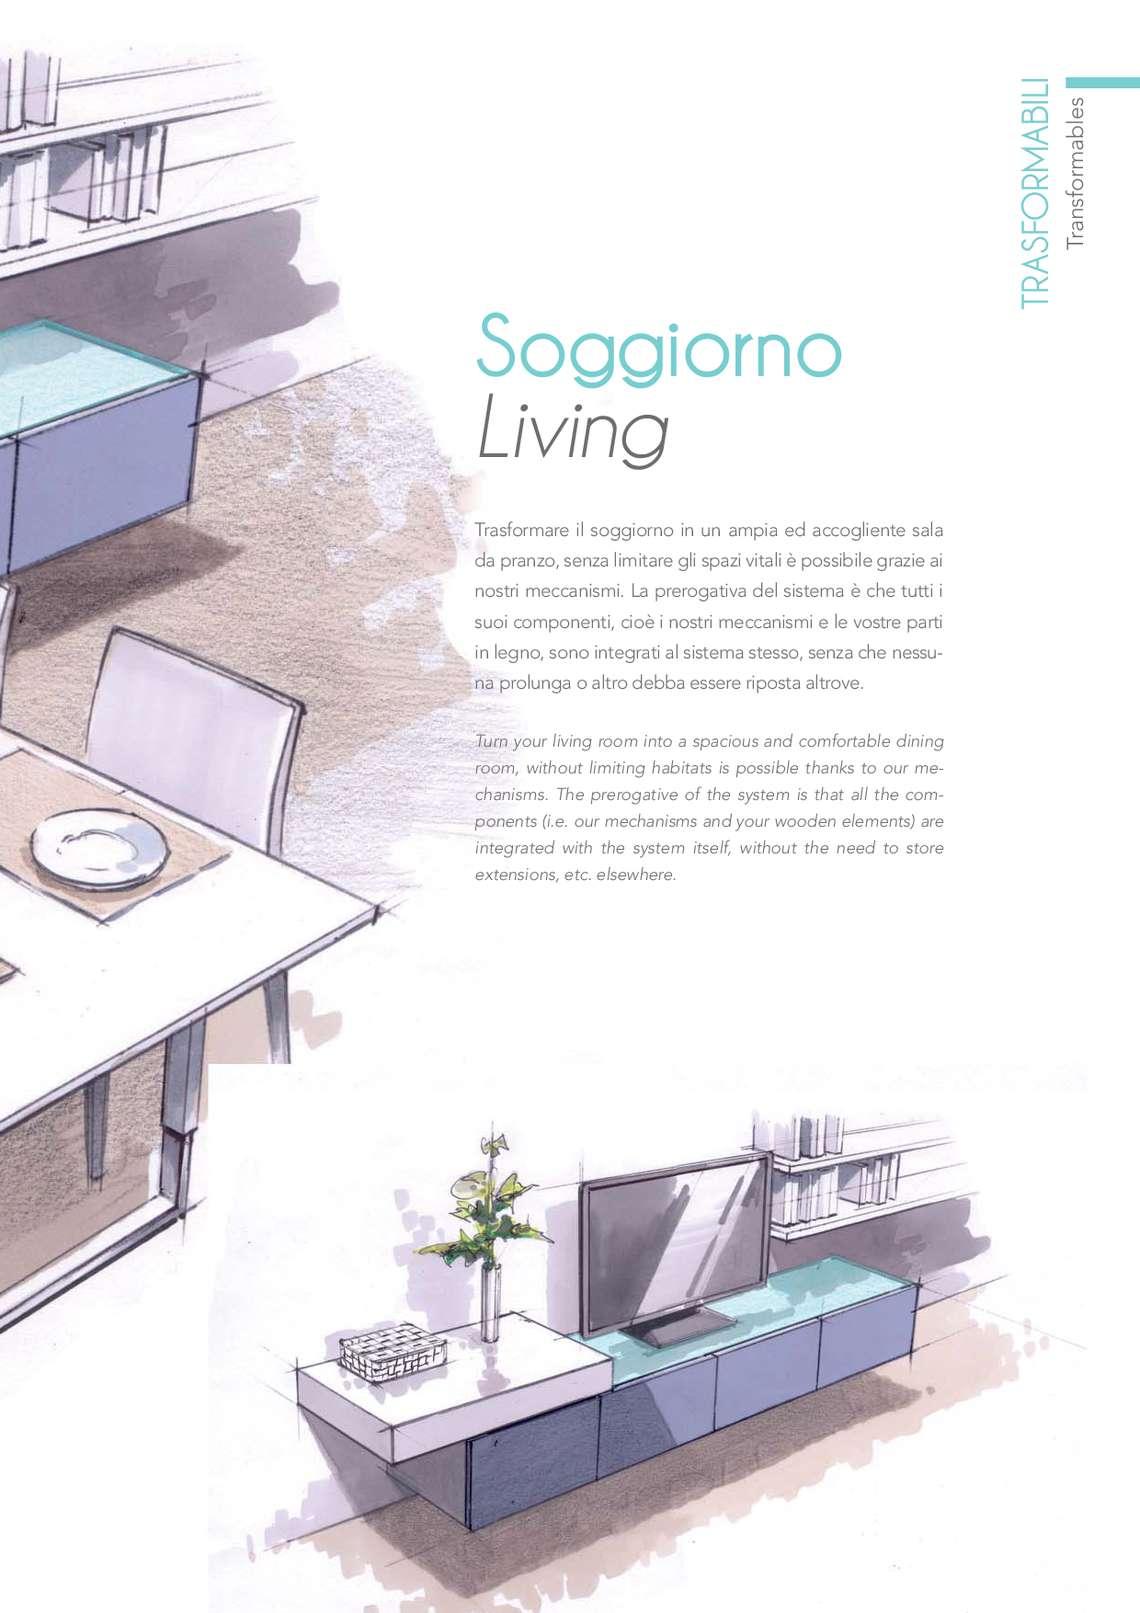 catalogo-trasformabili-atim_22_082.jpg